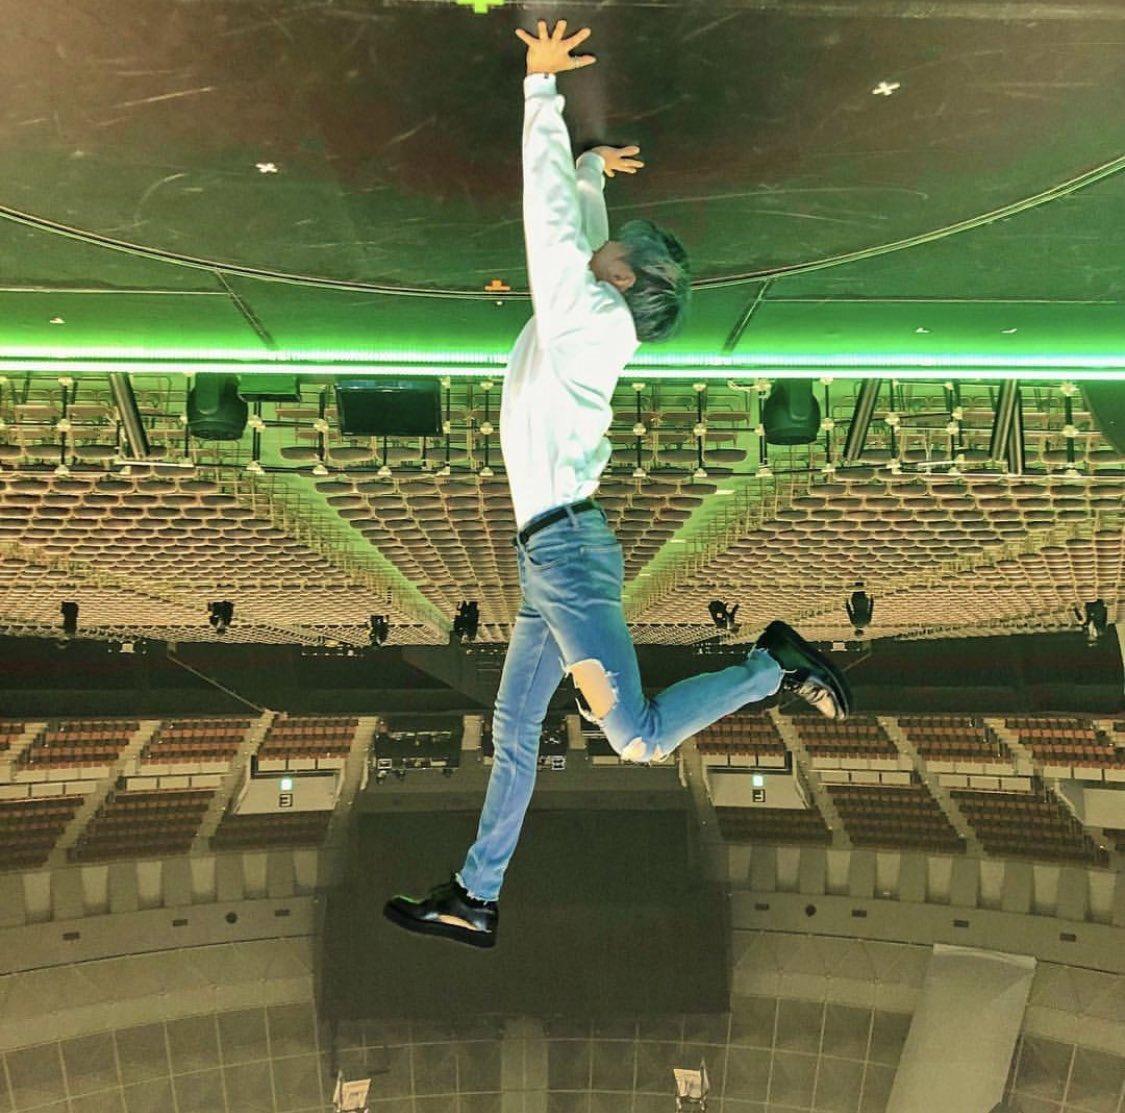 無重力空間を自ら表現🤣🤣🤣👏👏💯  181112 shinee_jp_official IG: 神戸公演、ありがとうございました!最後の東京公演もよろしくおねがいします!! #テミン #TAEMIN #SIRIUS #写真の向きはテミンからのリクエスト http://instagram.com/p/BqEToGlFSN_/…